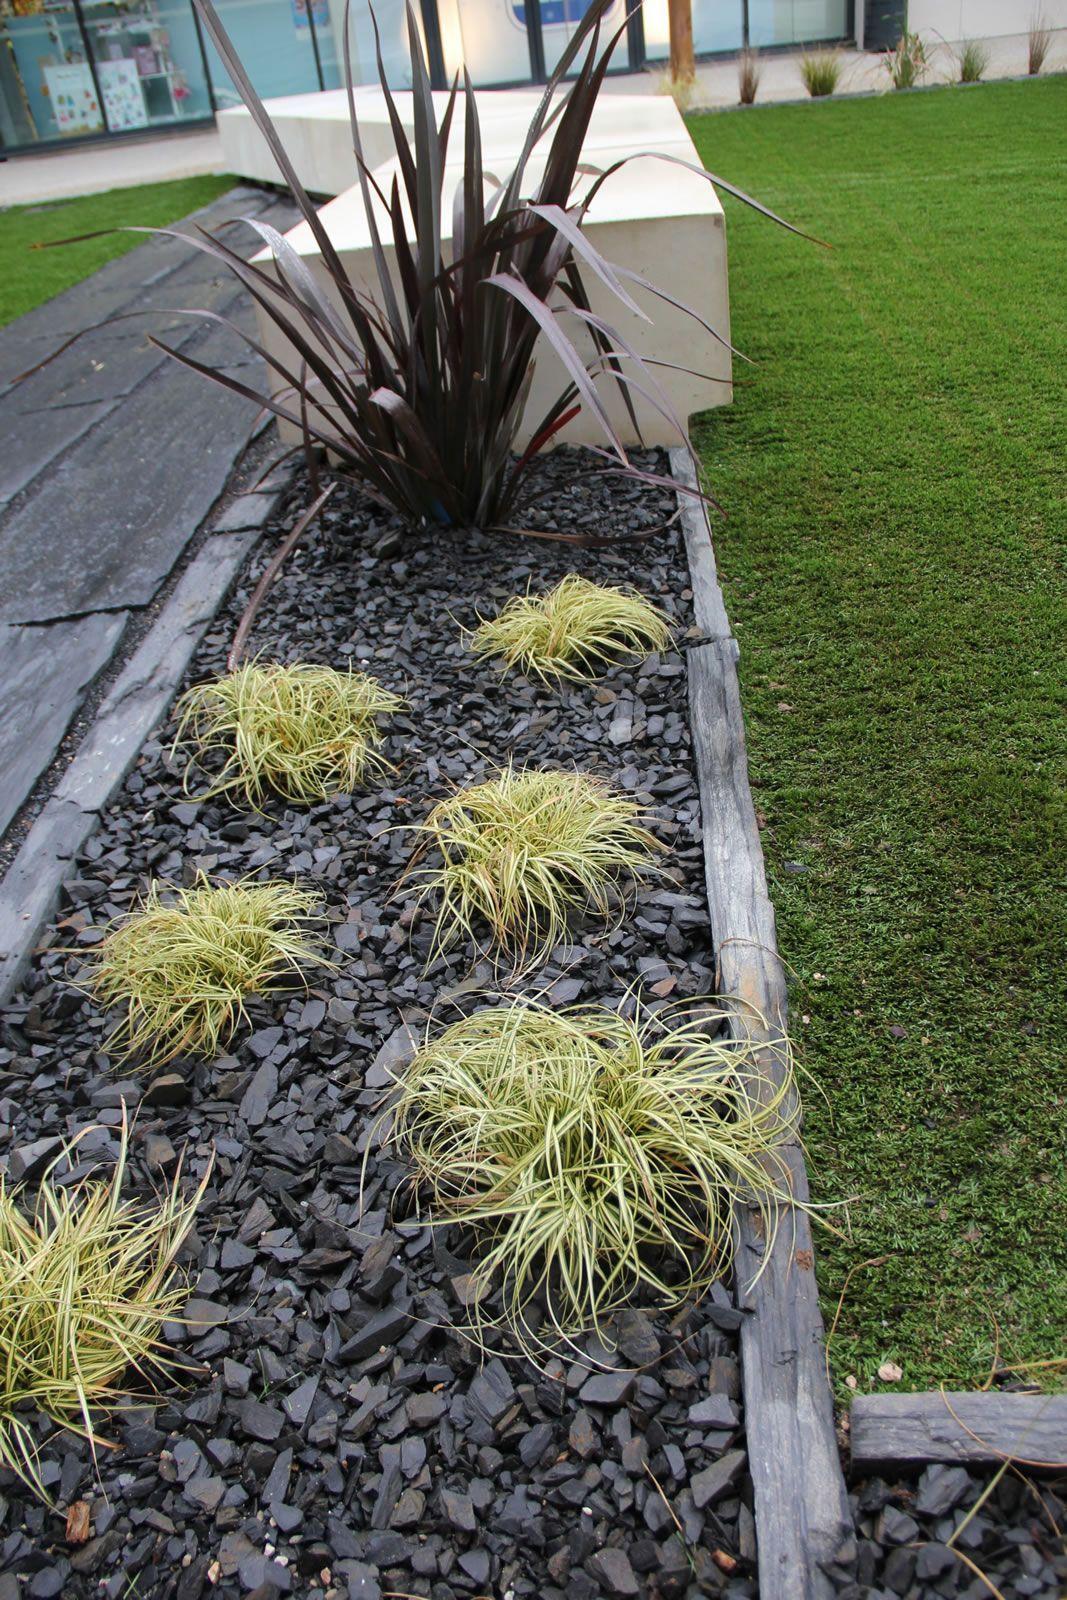 Installer Une Bordure En Piquets D Ardoise Et Planter Des Graminees Et Ou Des Carex Rouges Panaches Beetanlegen En 2020 Bordure Jardin Jardins Bordure Terrasse